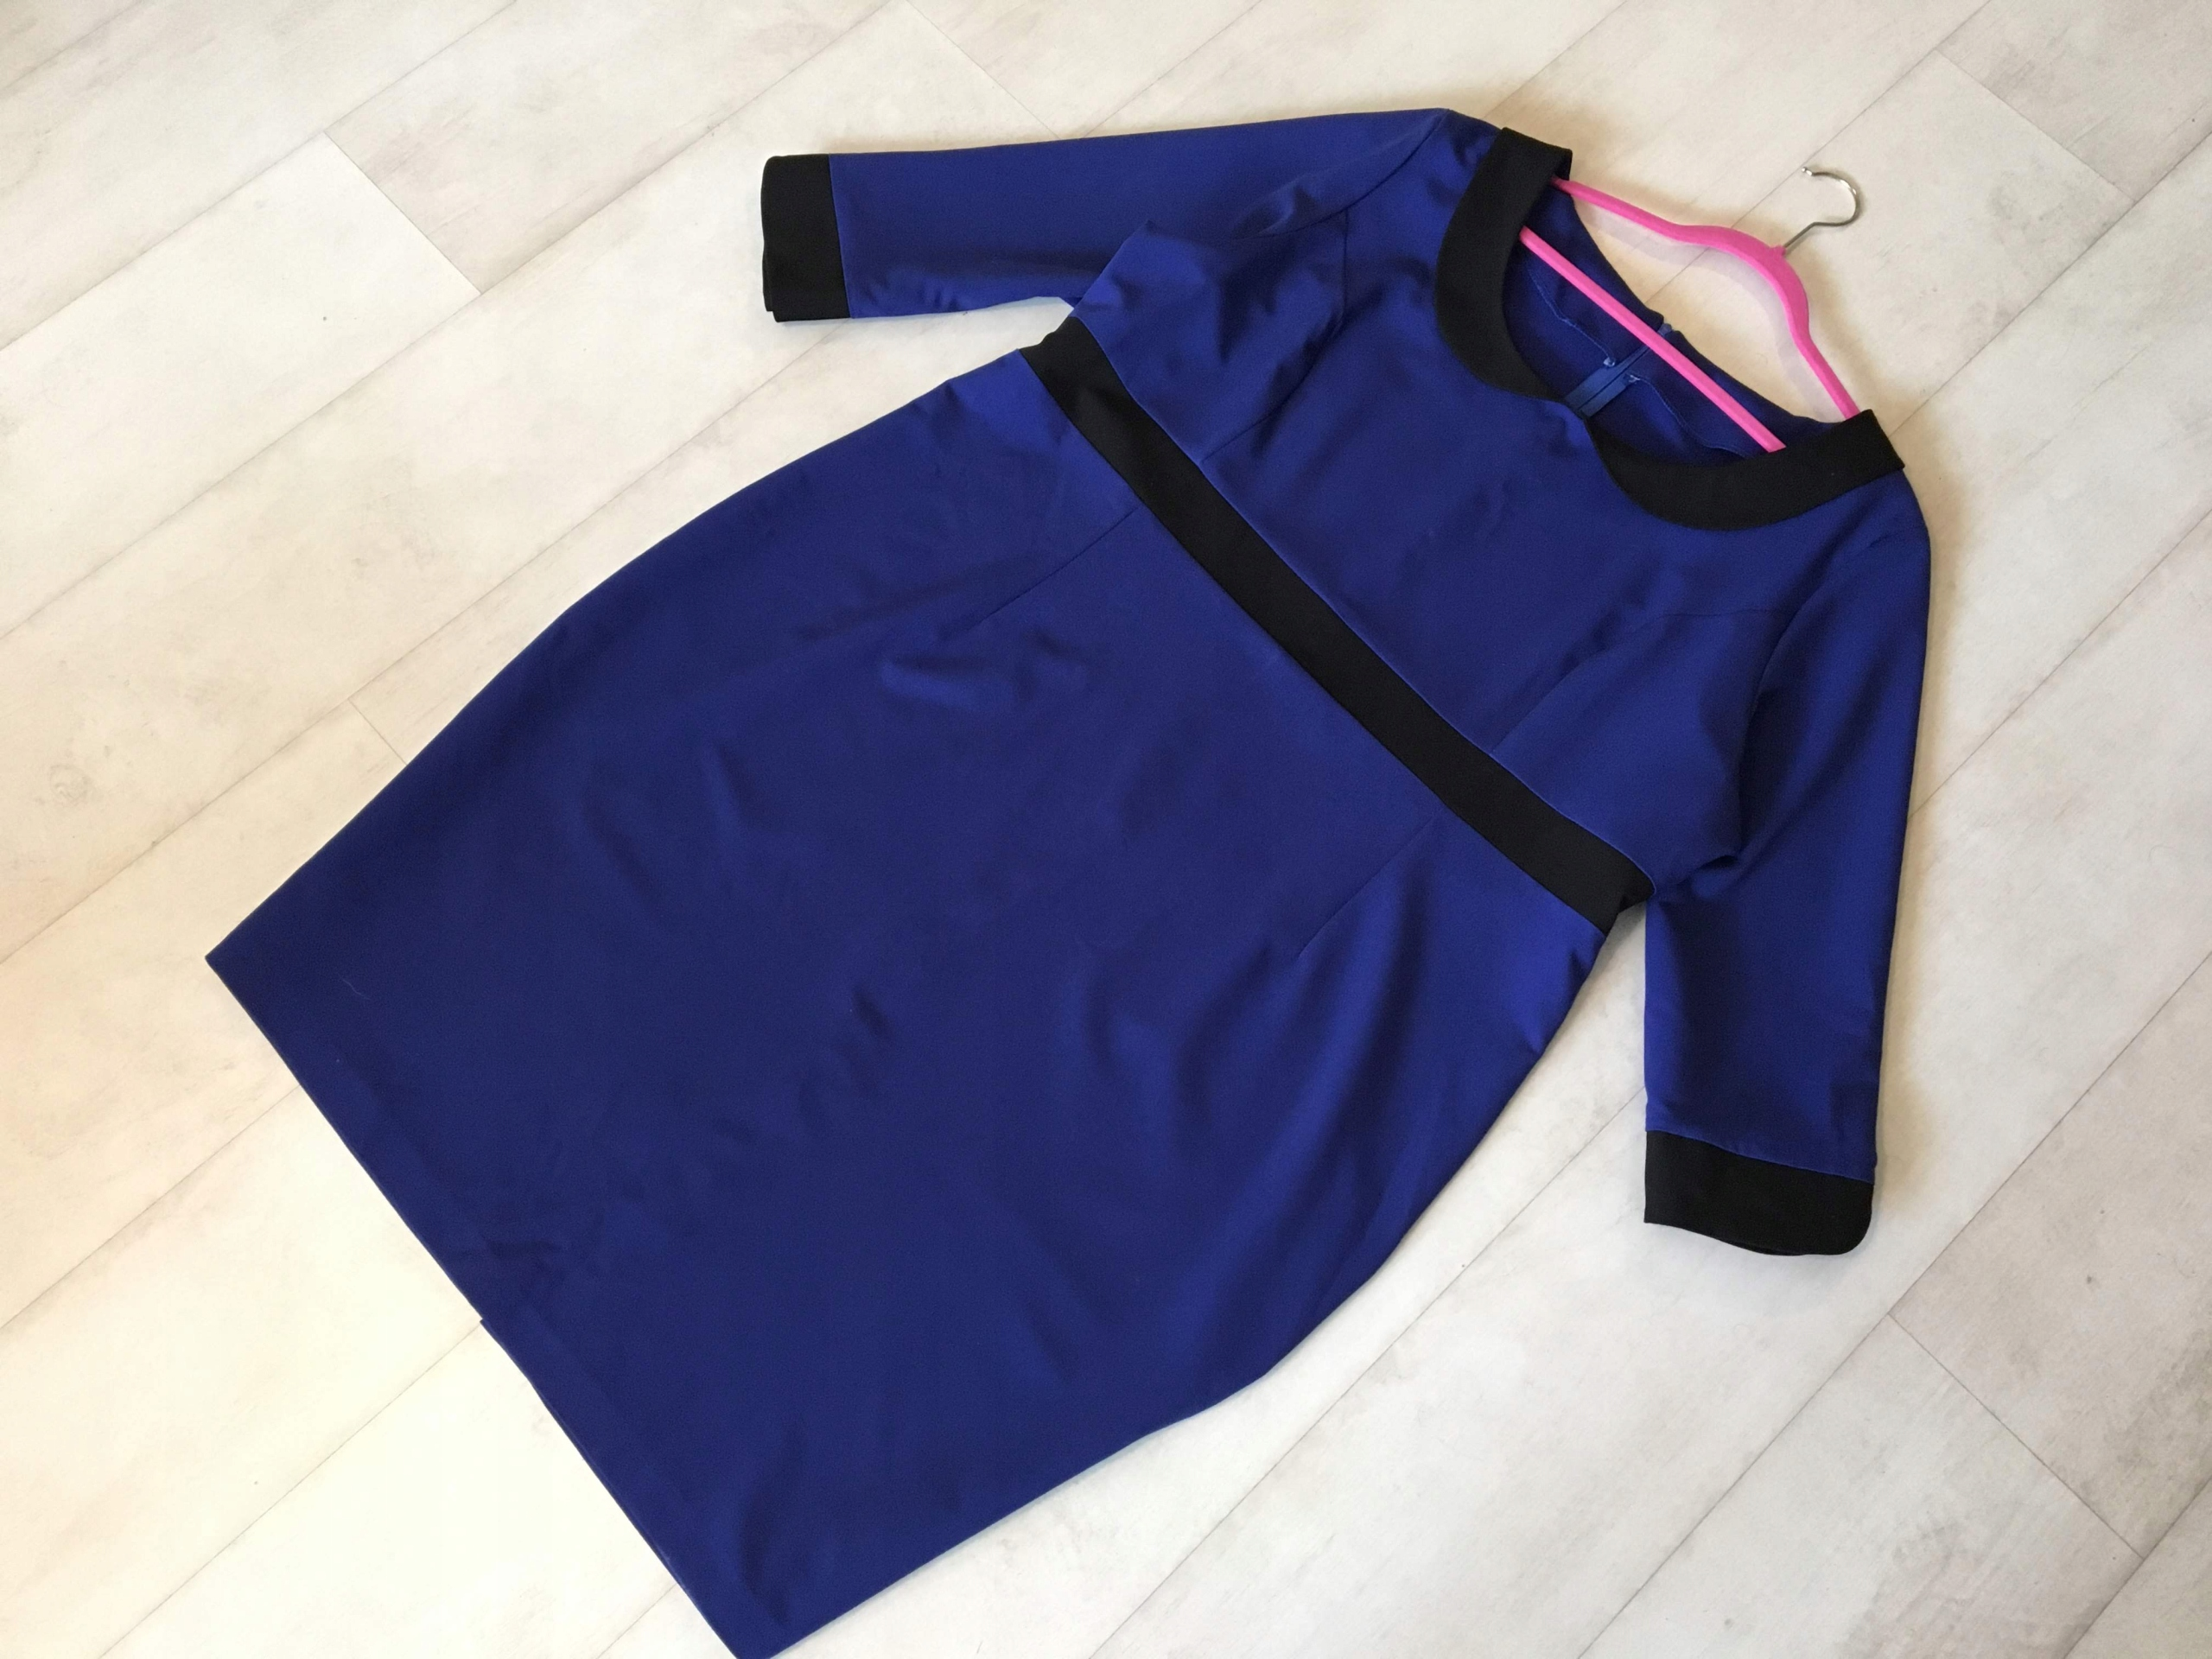 dd305202d3 Niebieska sukienka z kołnierzykiem 52 54 TANIO - 7712258367 ...